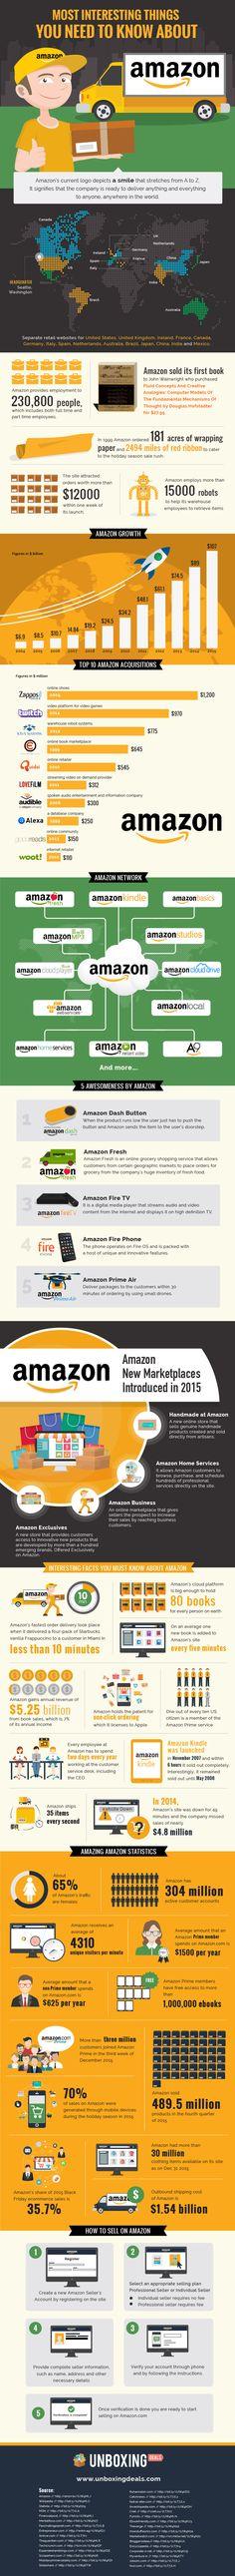 Amazon Facts & Figures - Quelle: http://www.unboxingdeals.com